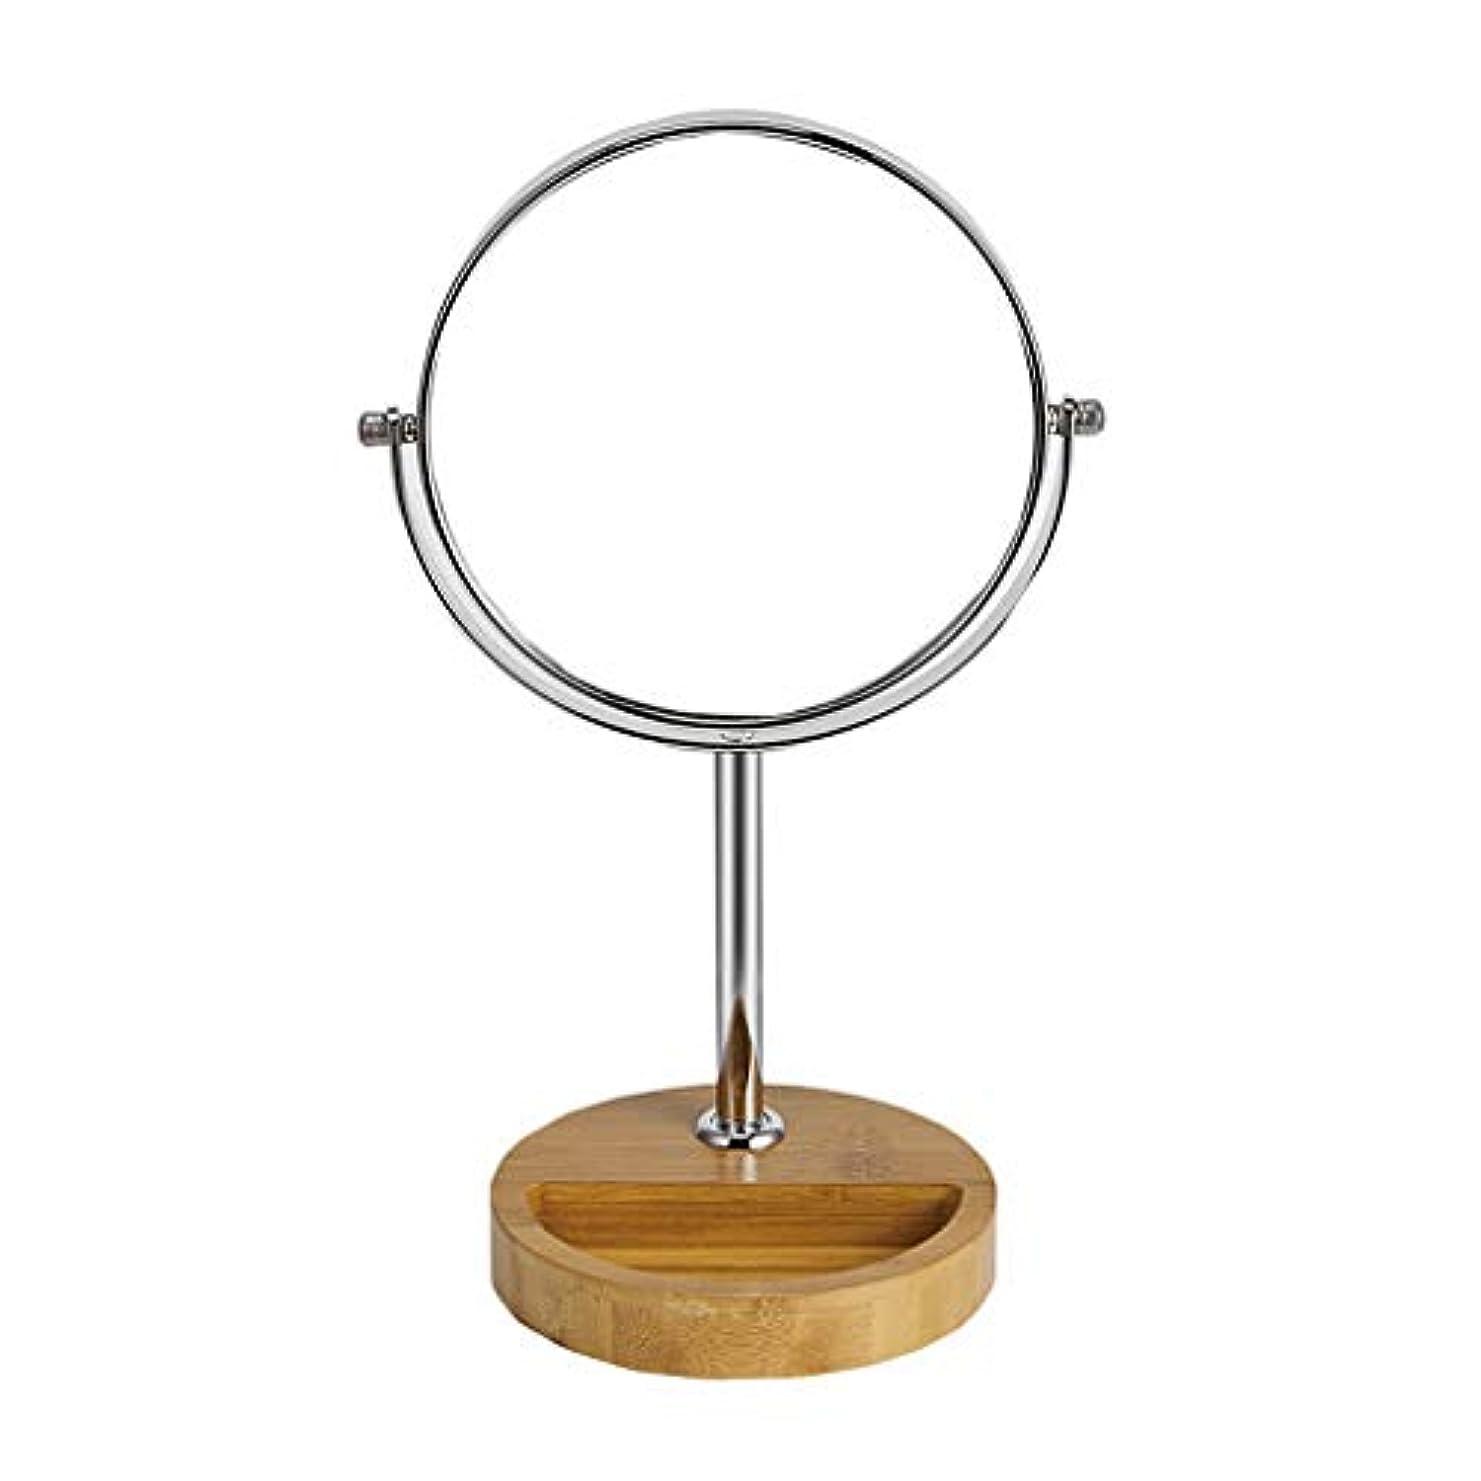 モネ唇意義ACMEDE 卓上鏡 化粧鏡 卓上ミラー 鏡 卓上 360°回転 等倍鏡&3倍拡大鏡 スタンドミラー 卓上 光学レンズ高解像度 シンプル